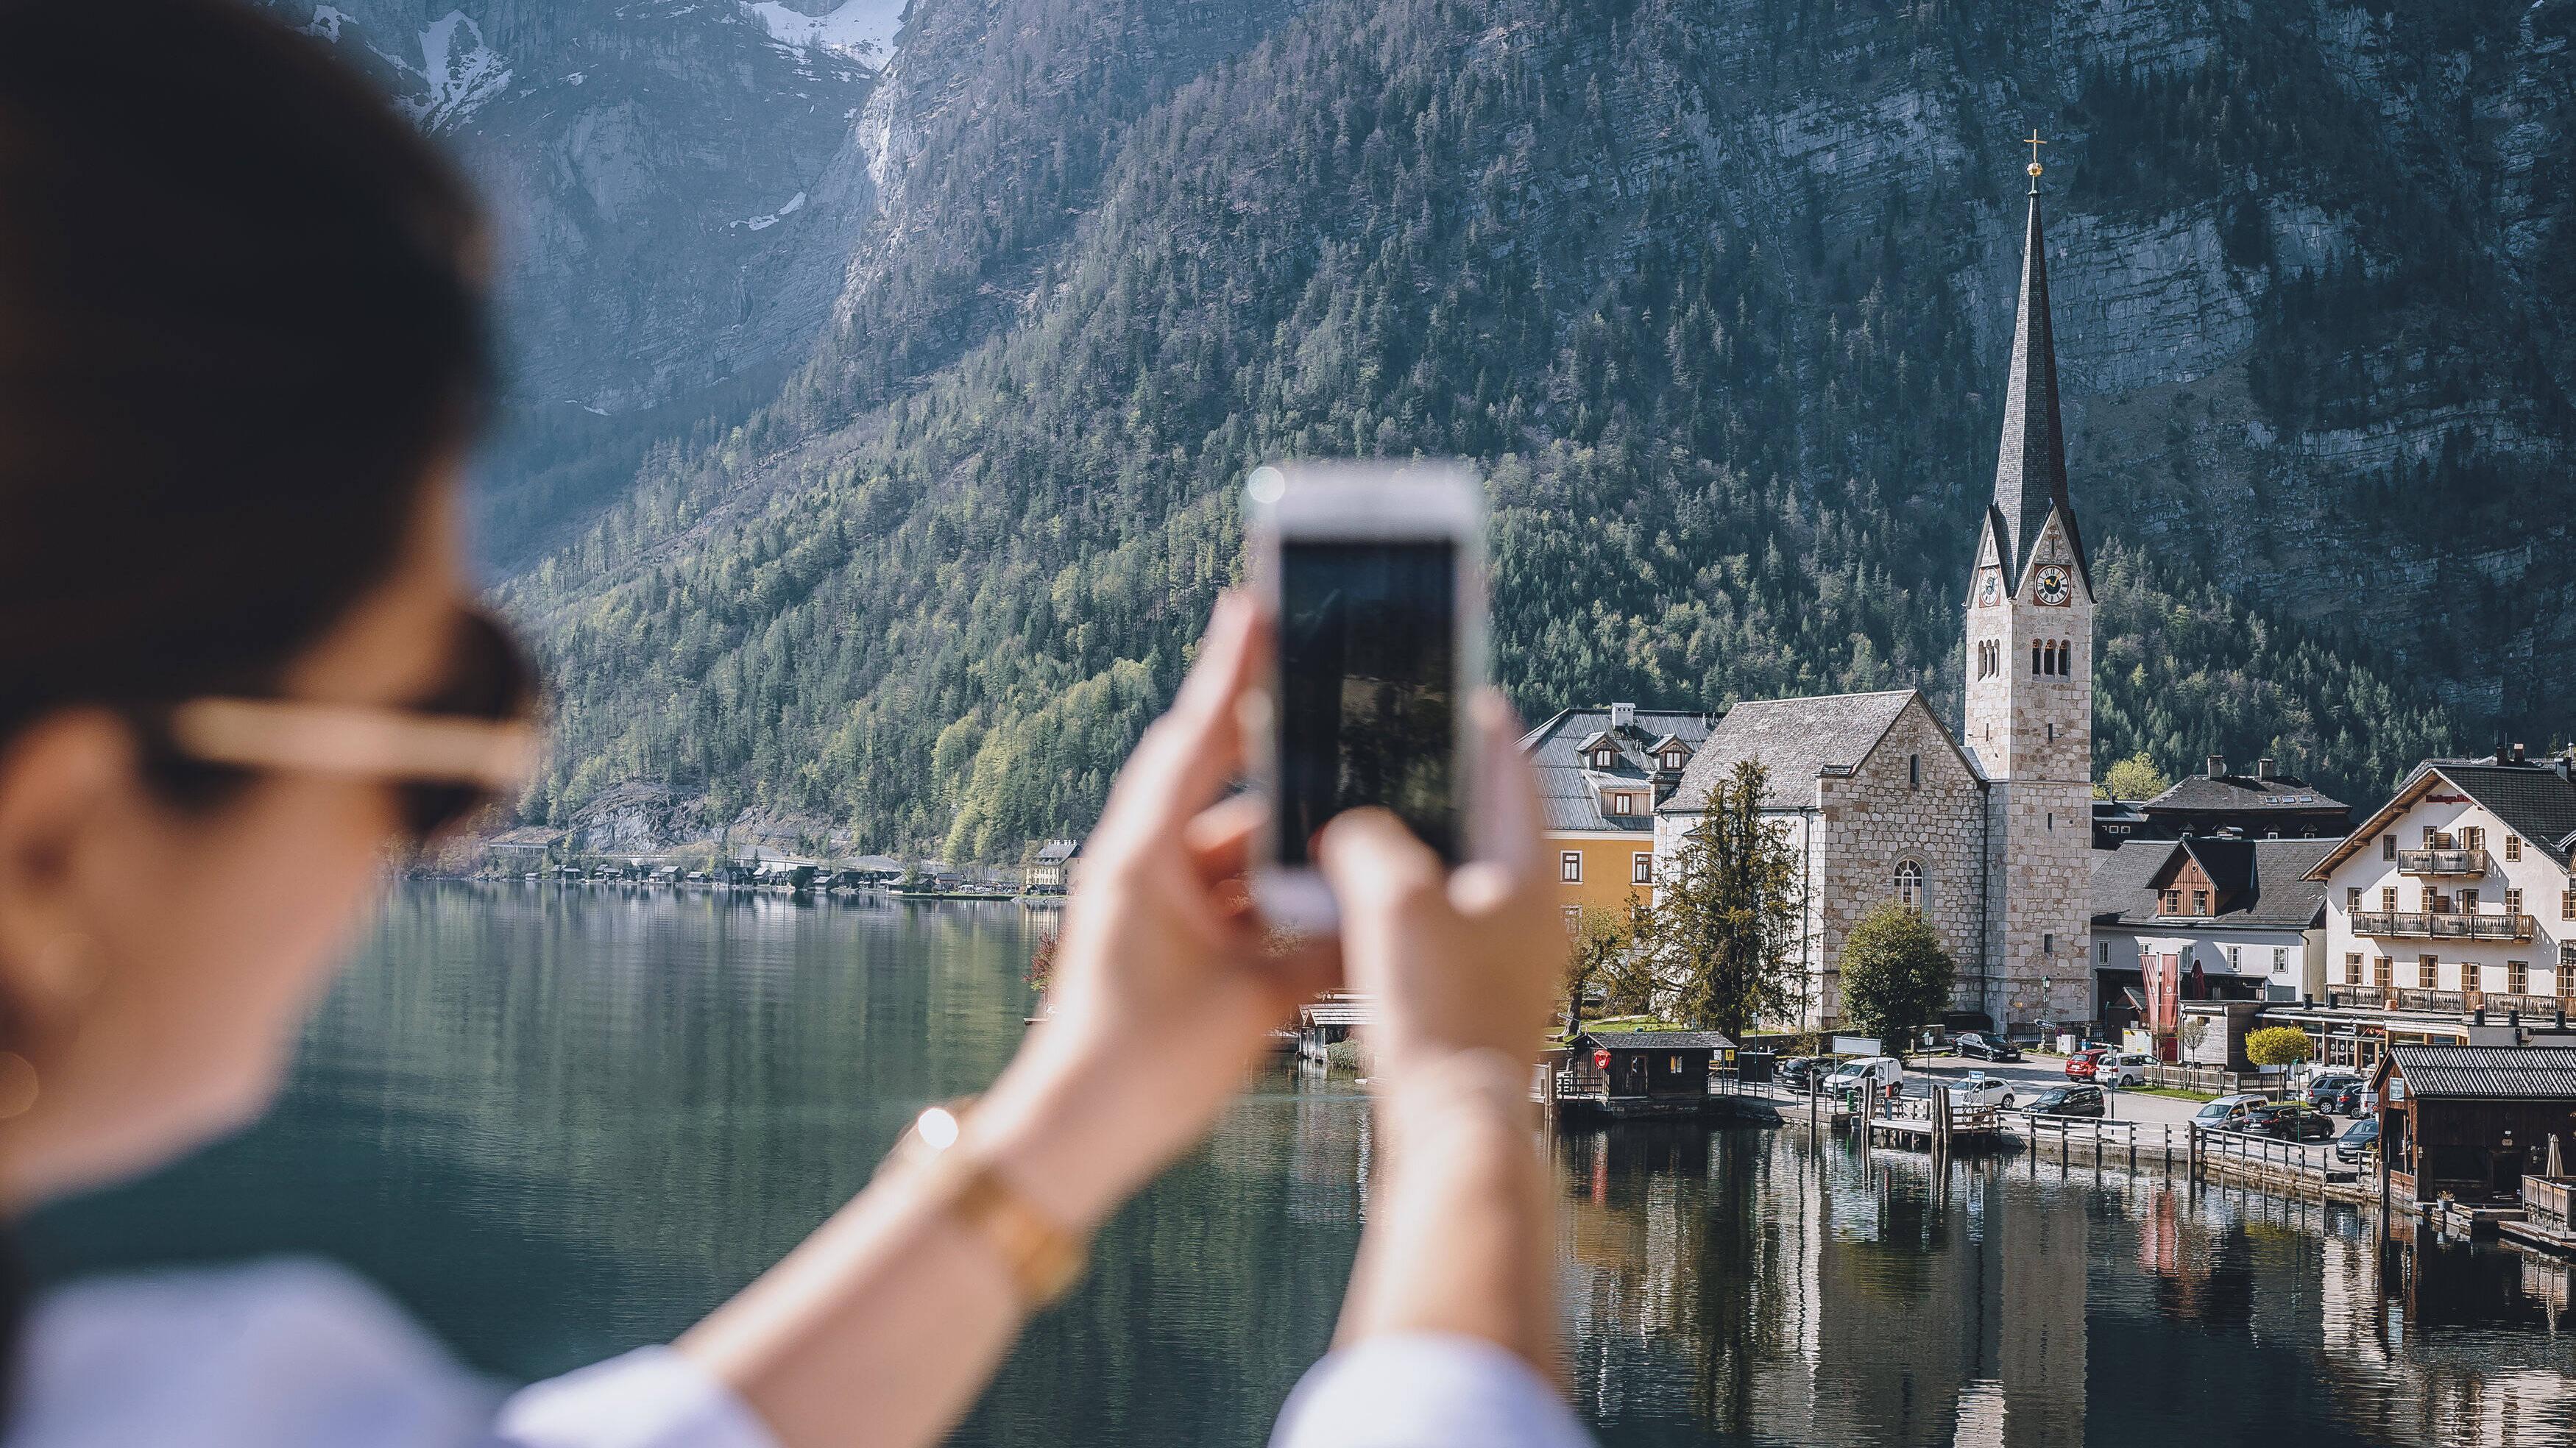 Fotostudio selber bauen: Darauf müssen Sie achten